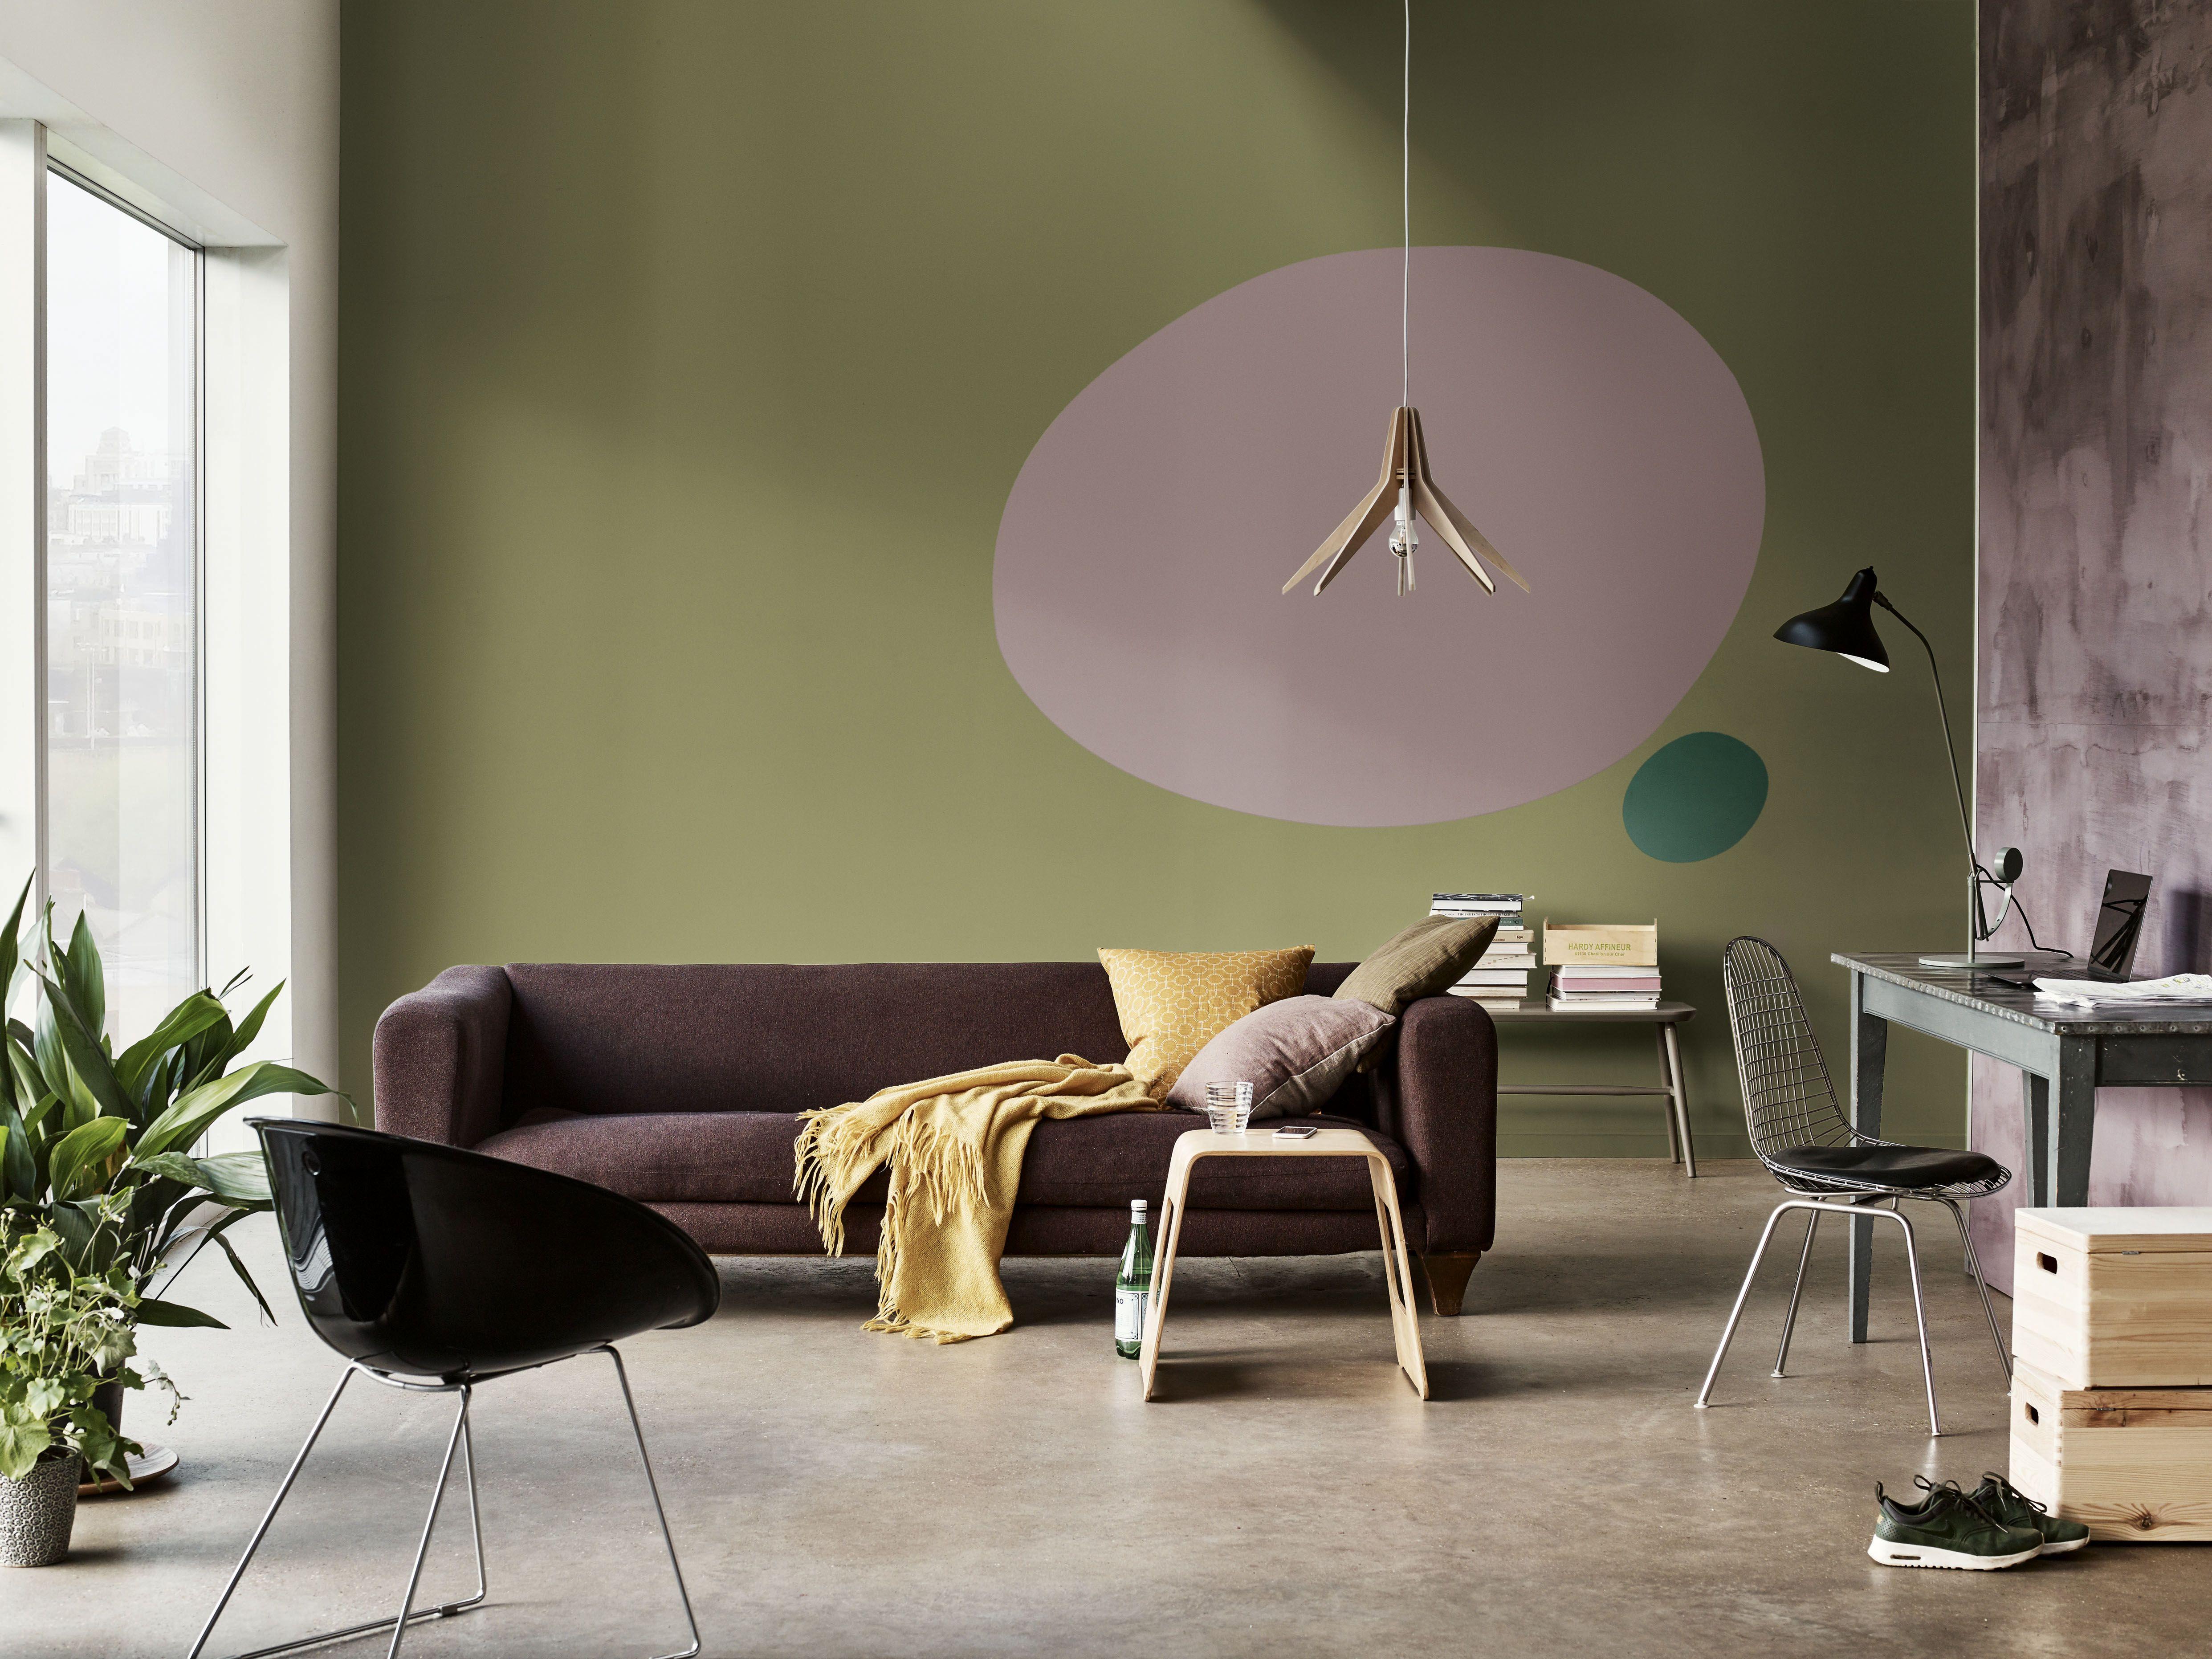 Kreative Wandgestaltung Mit Farbe Ideen Für Jedes Zimmer Das Haus Inneneinrichtung Wandgestaltung Wohnzimmer Farbe